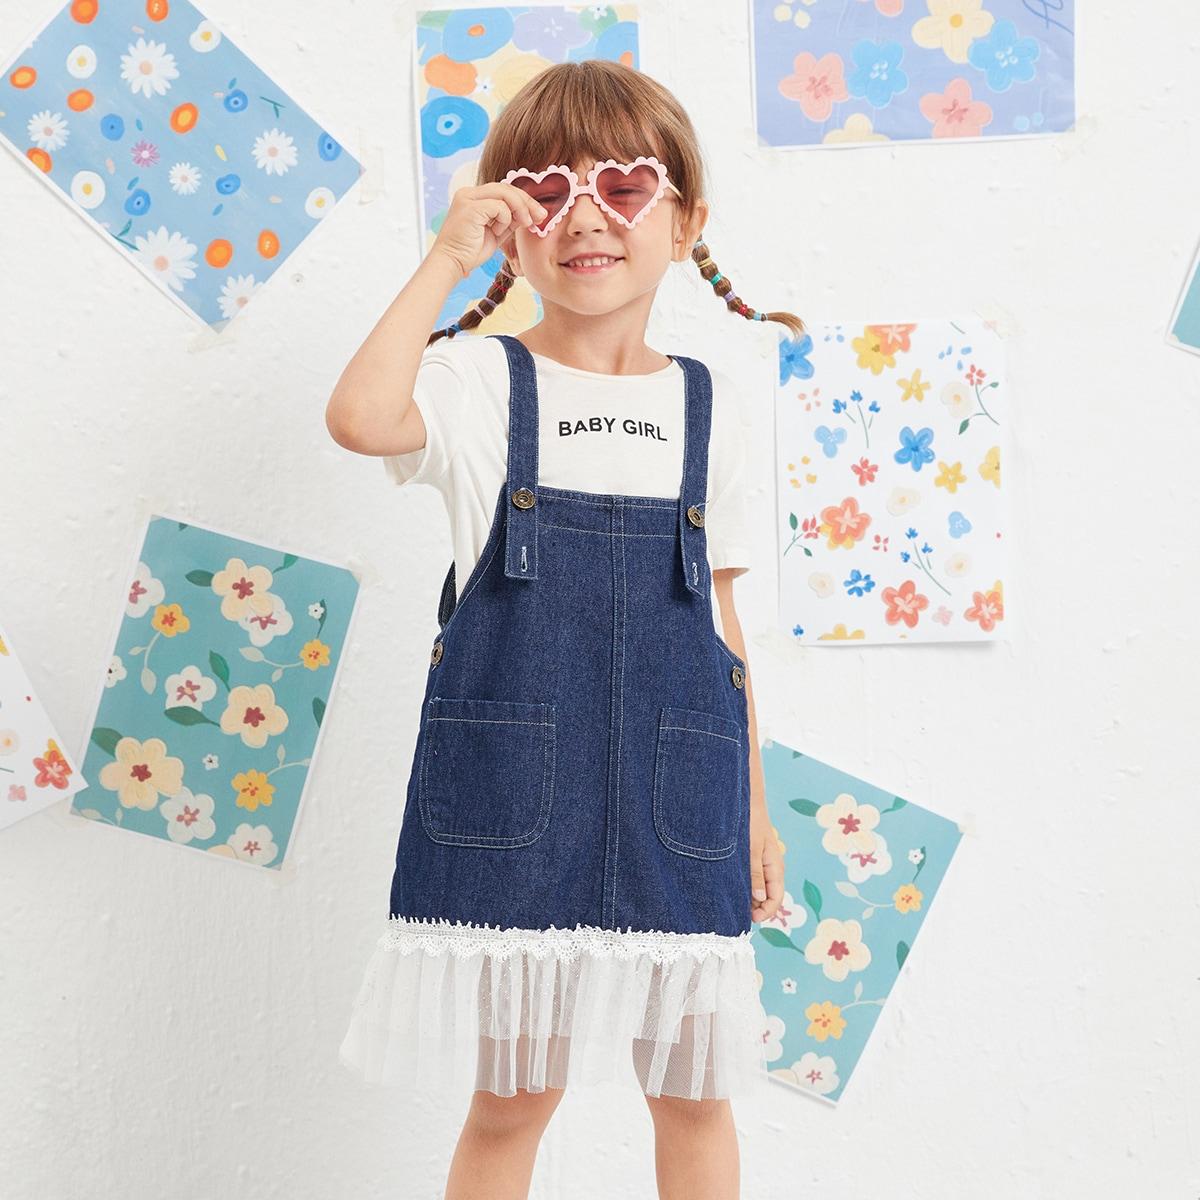 для девочек Платье-сарафан контрастный сетчатый джинсовый без футболки SheIn skdress25210609779